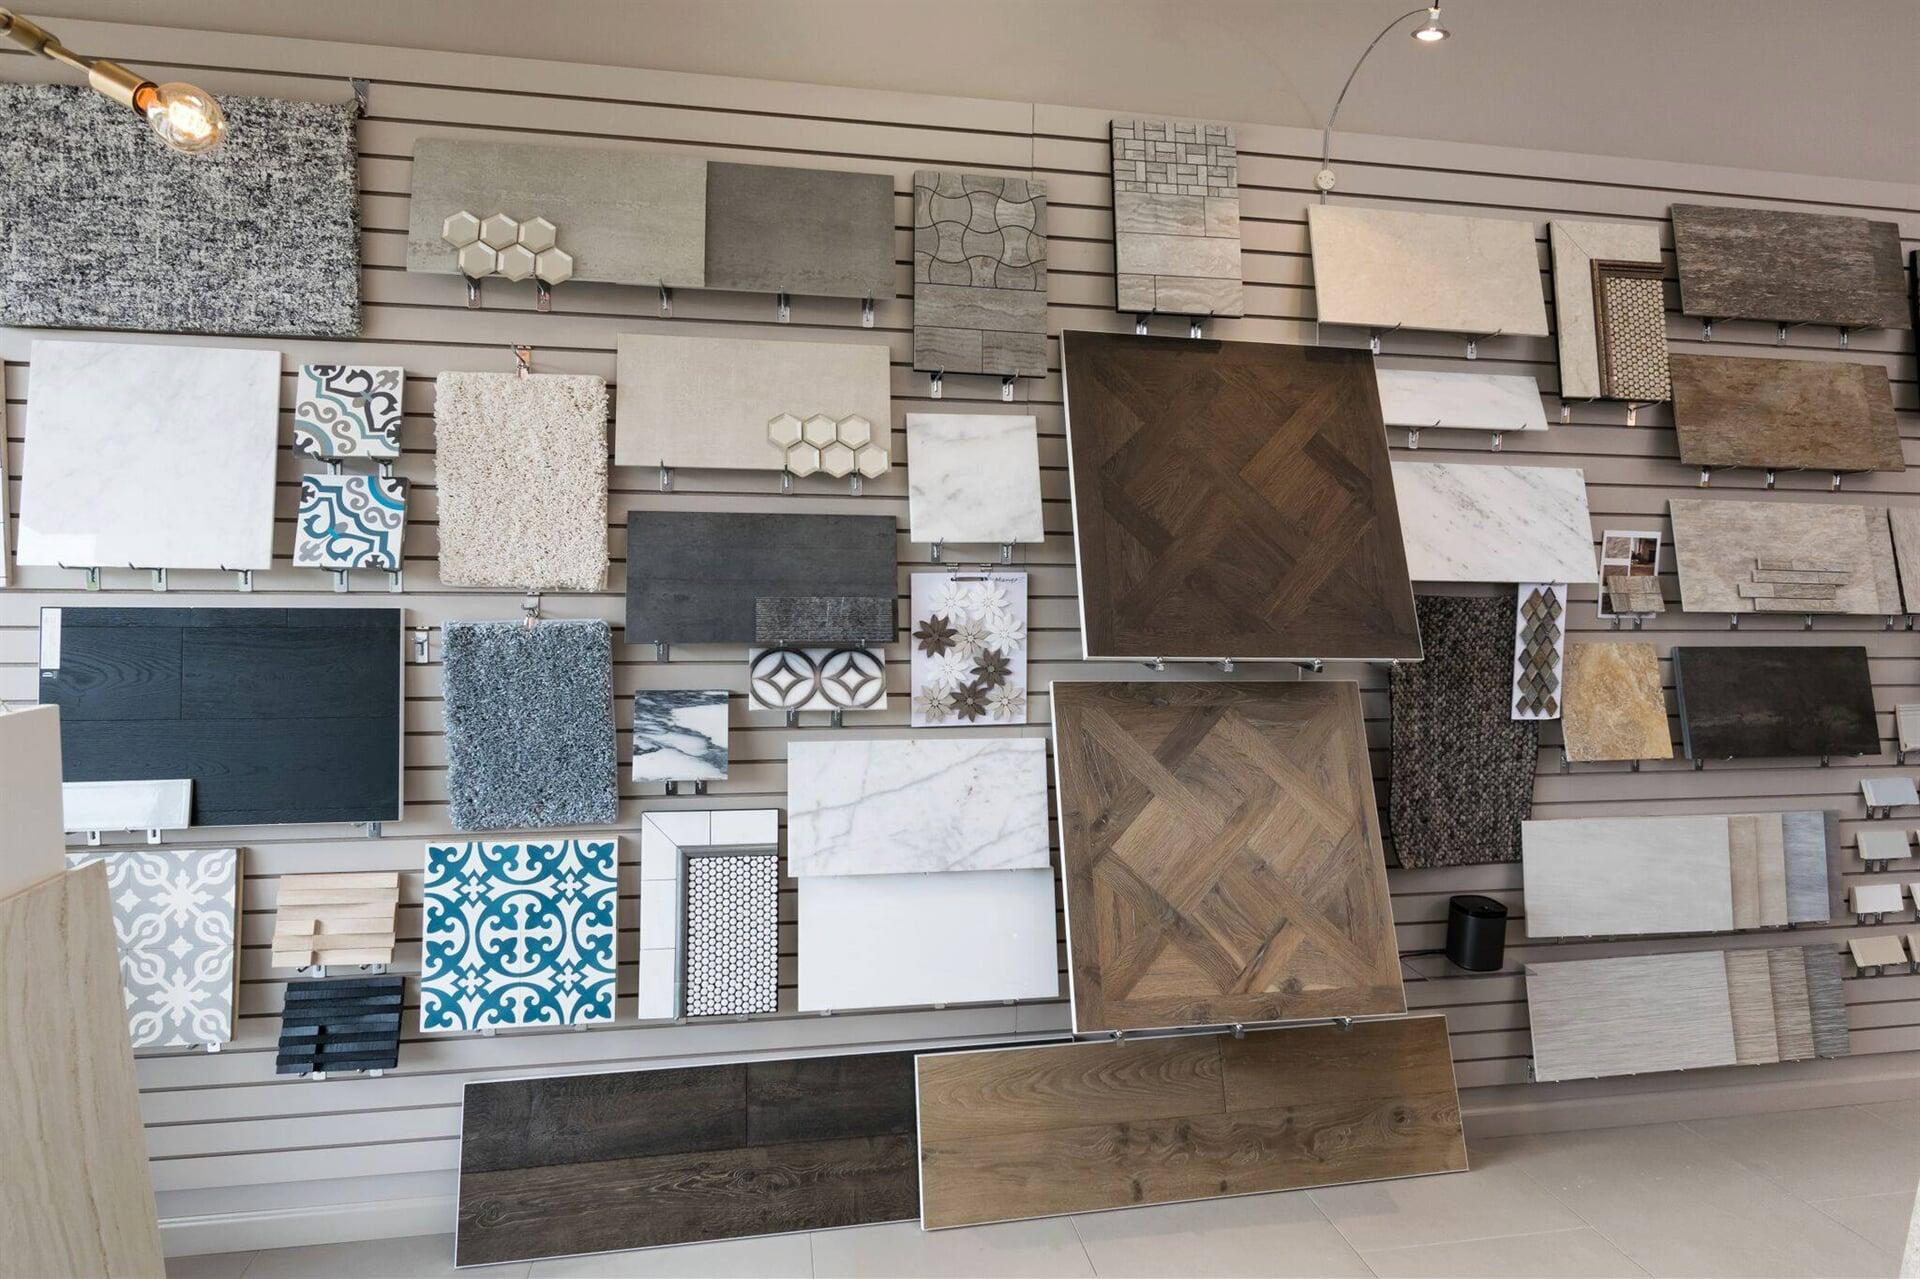 Floor Source showroom in Frontenac, MO